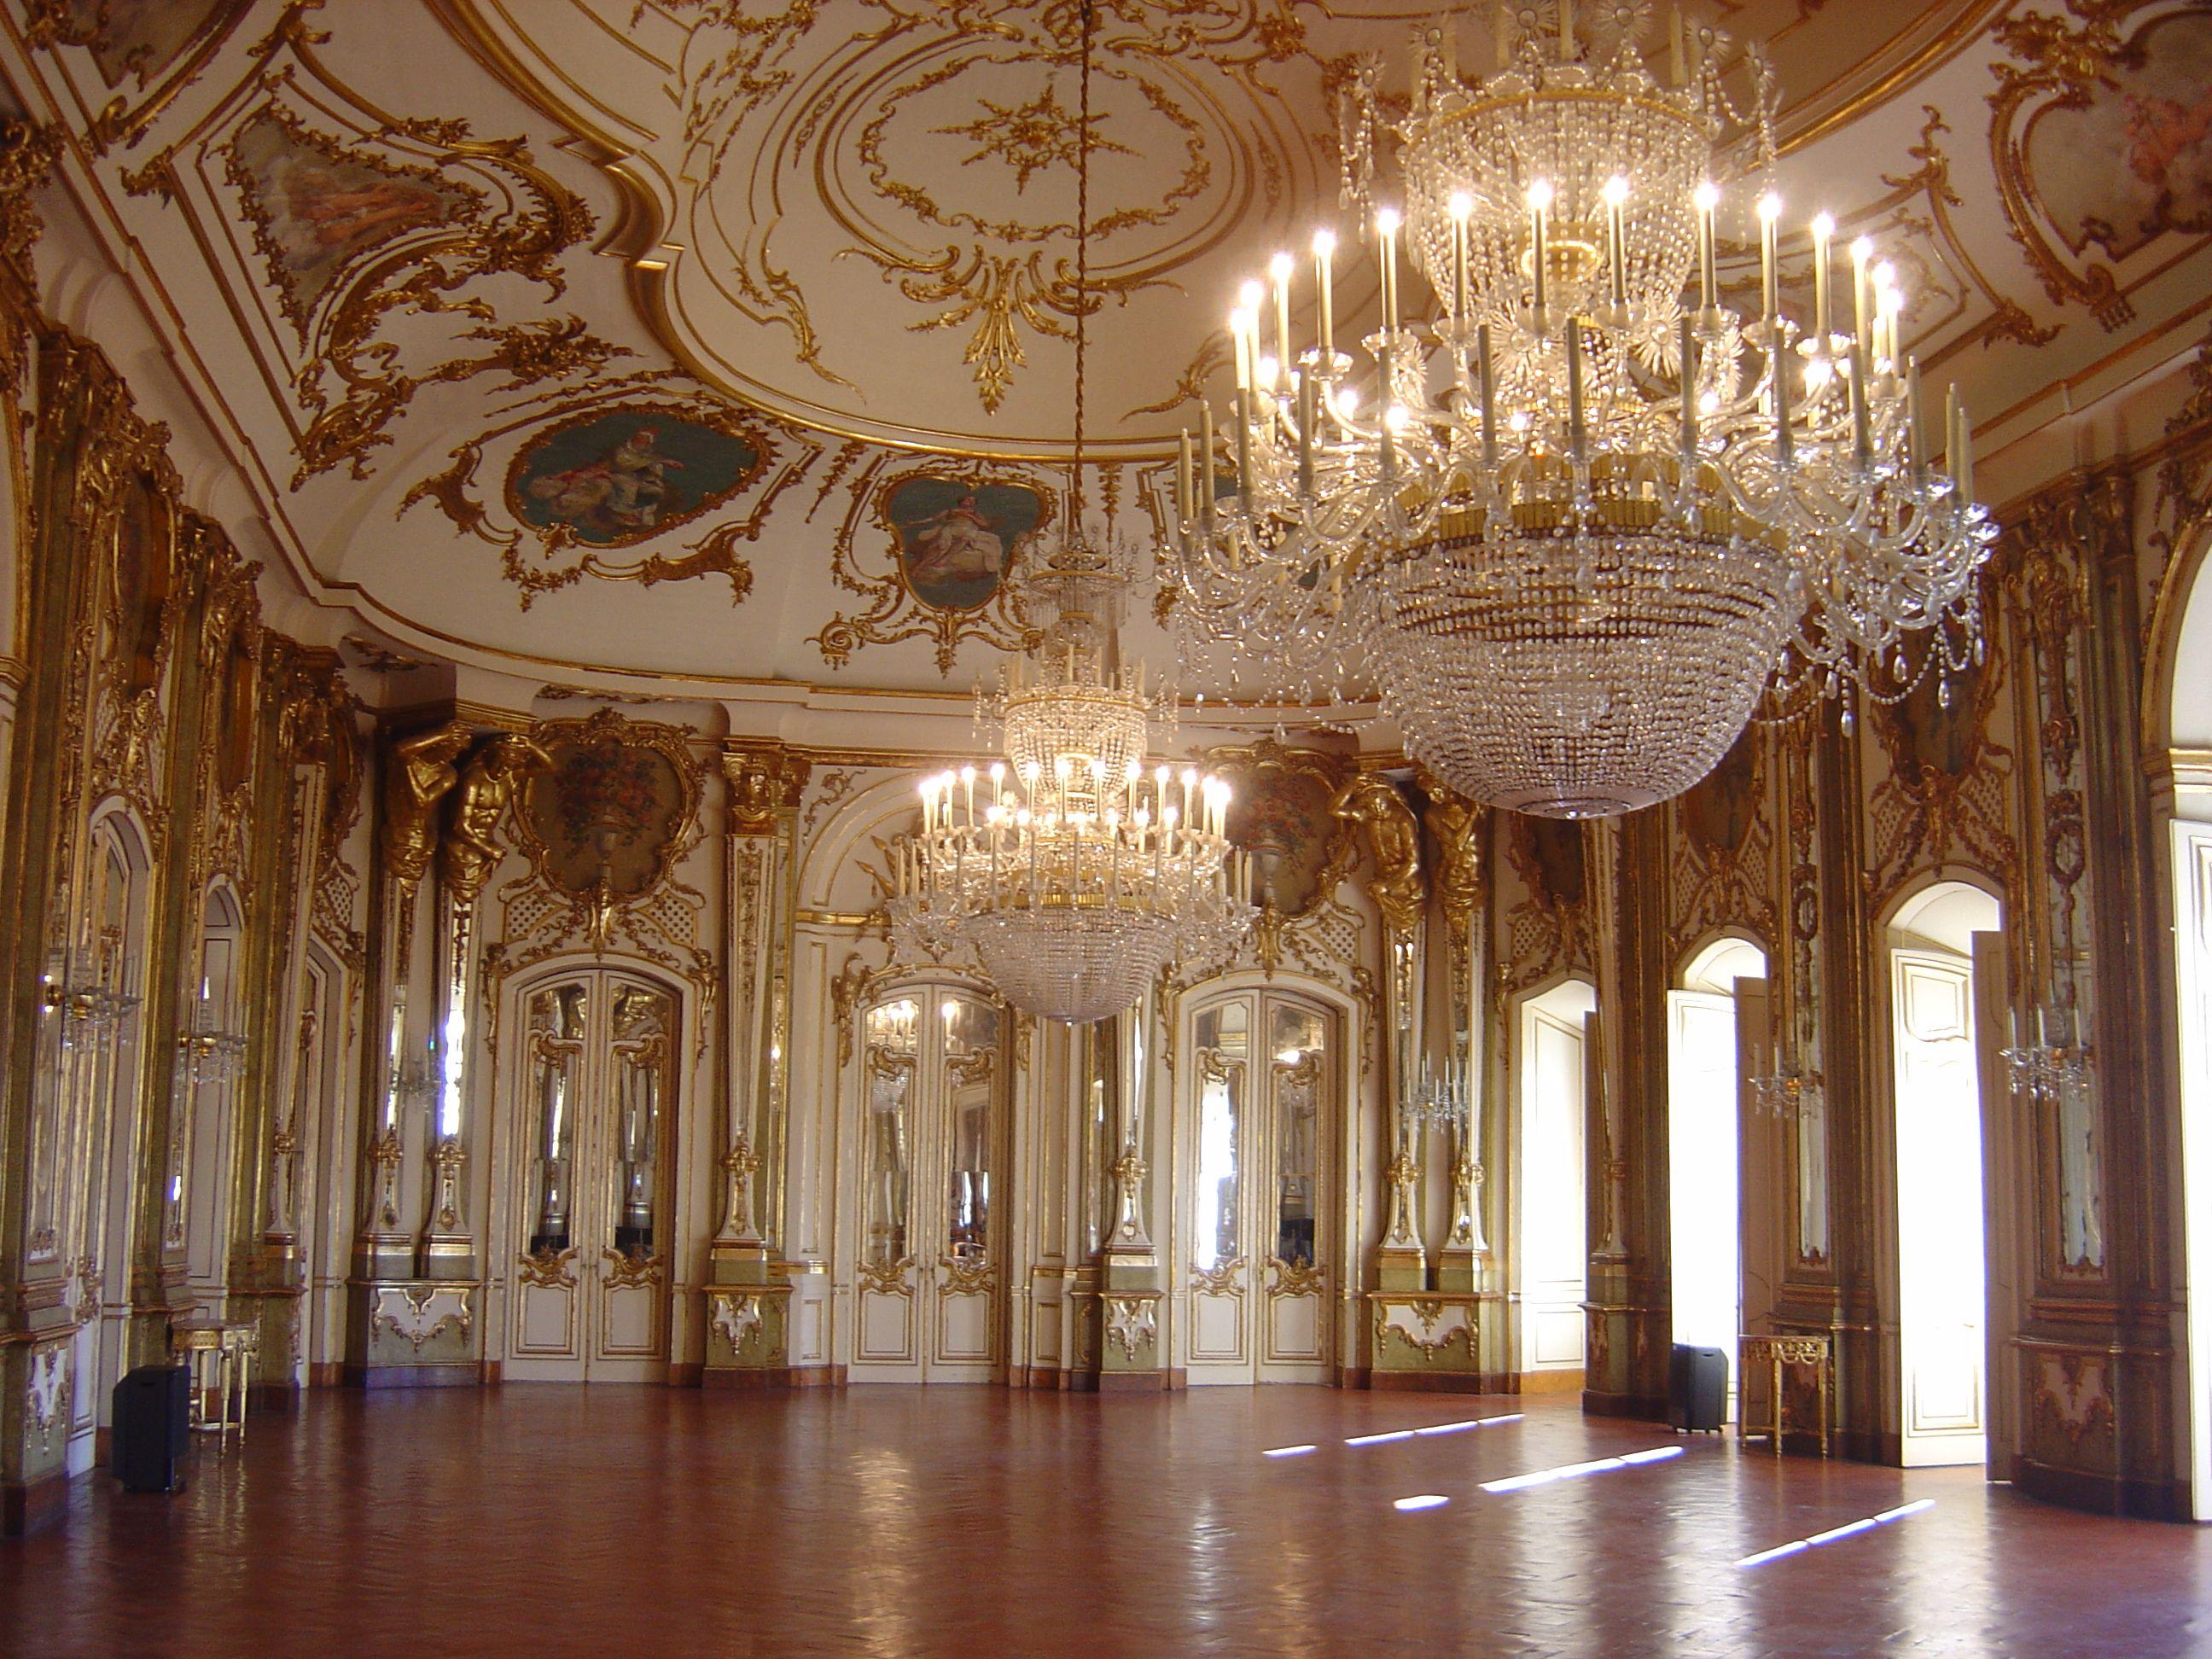 Great Royal Palace Interior The Ballroom